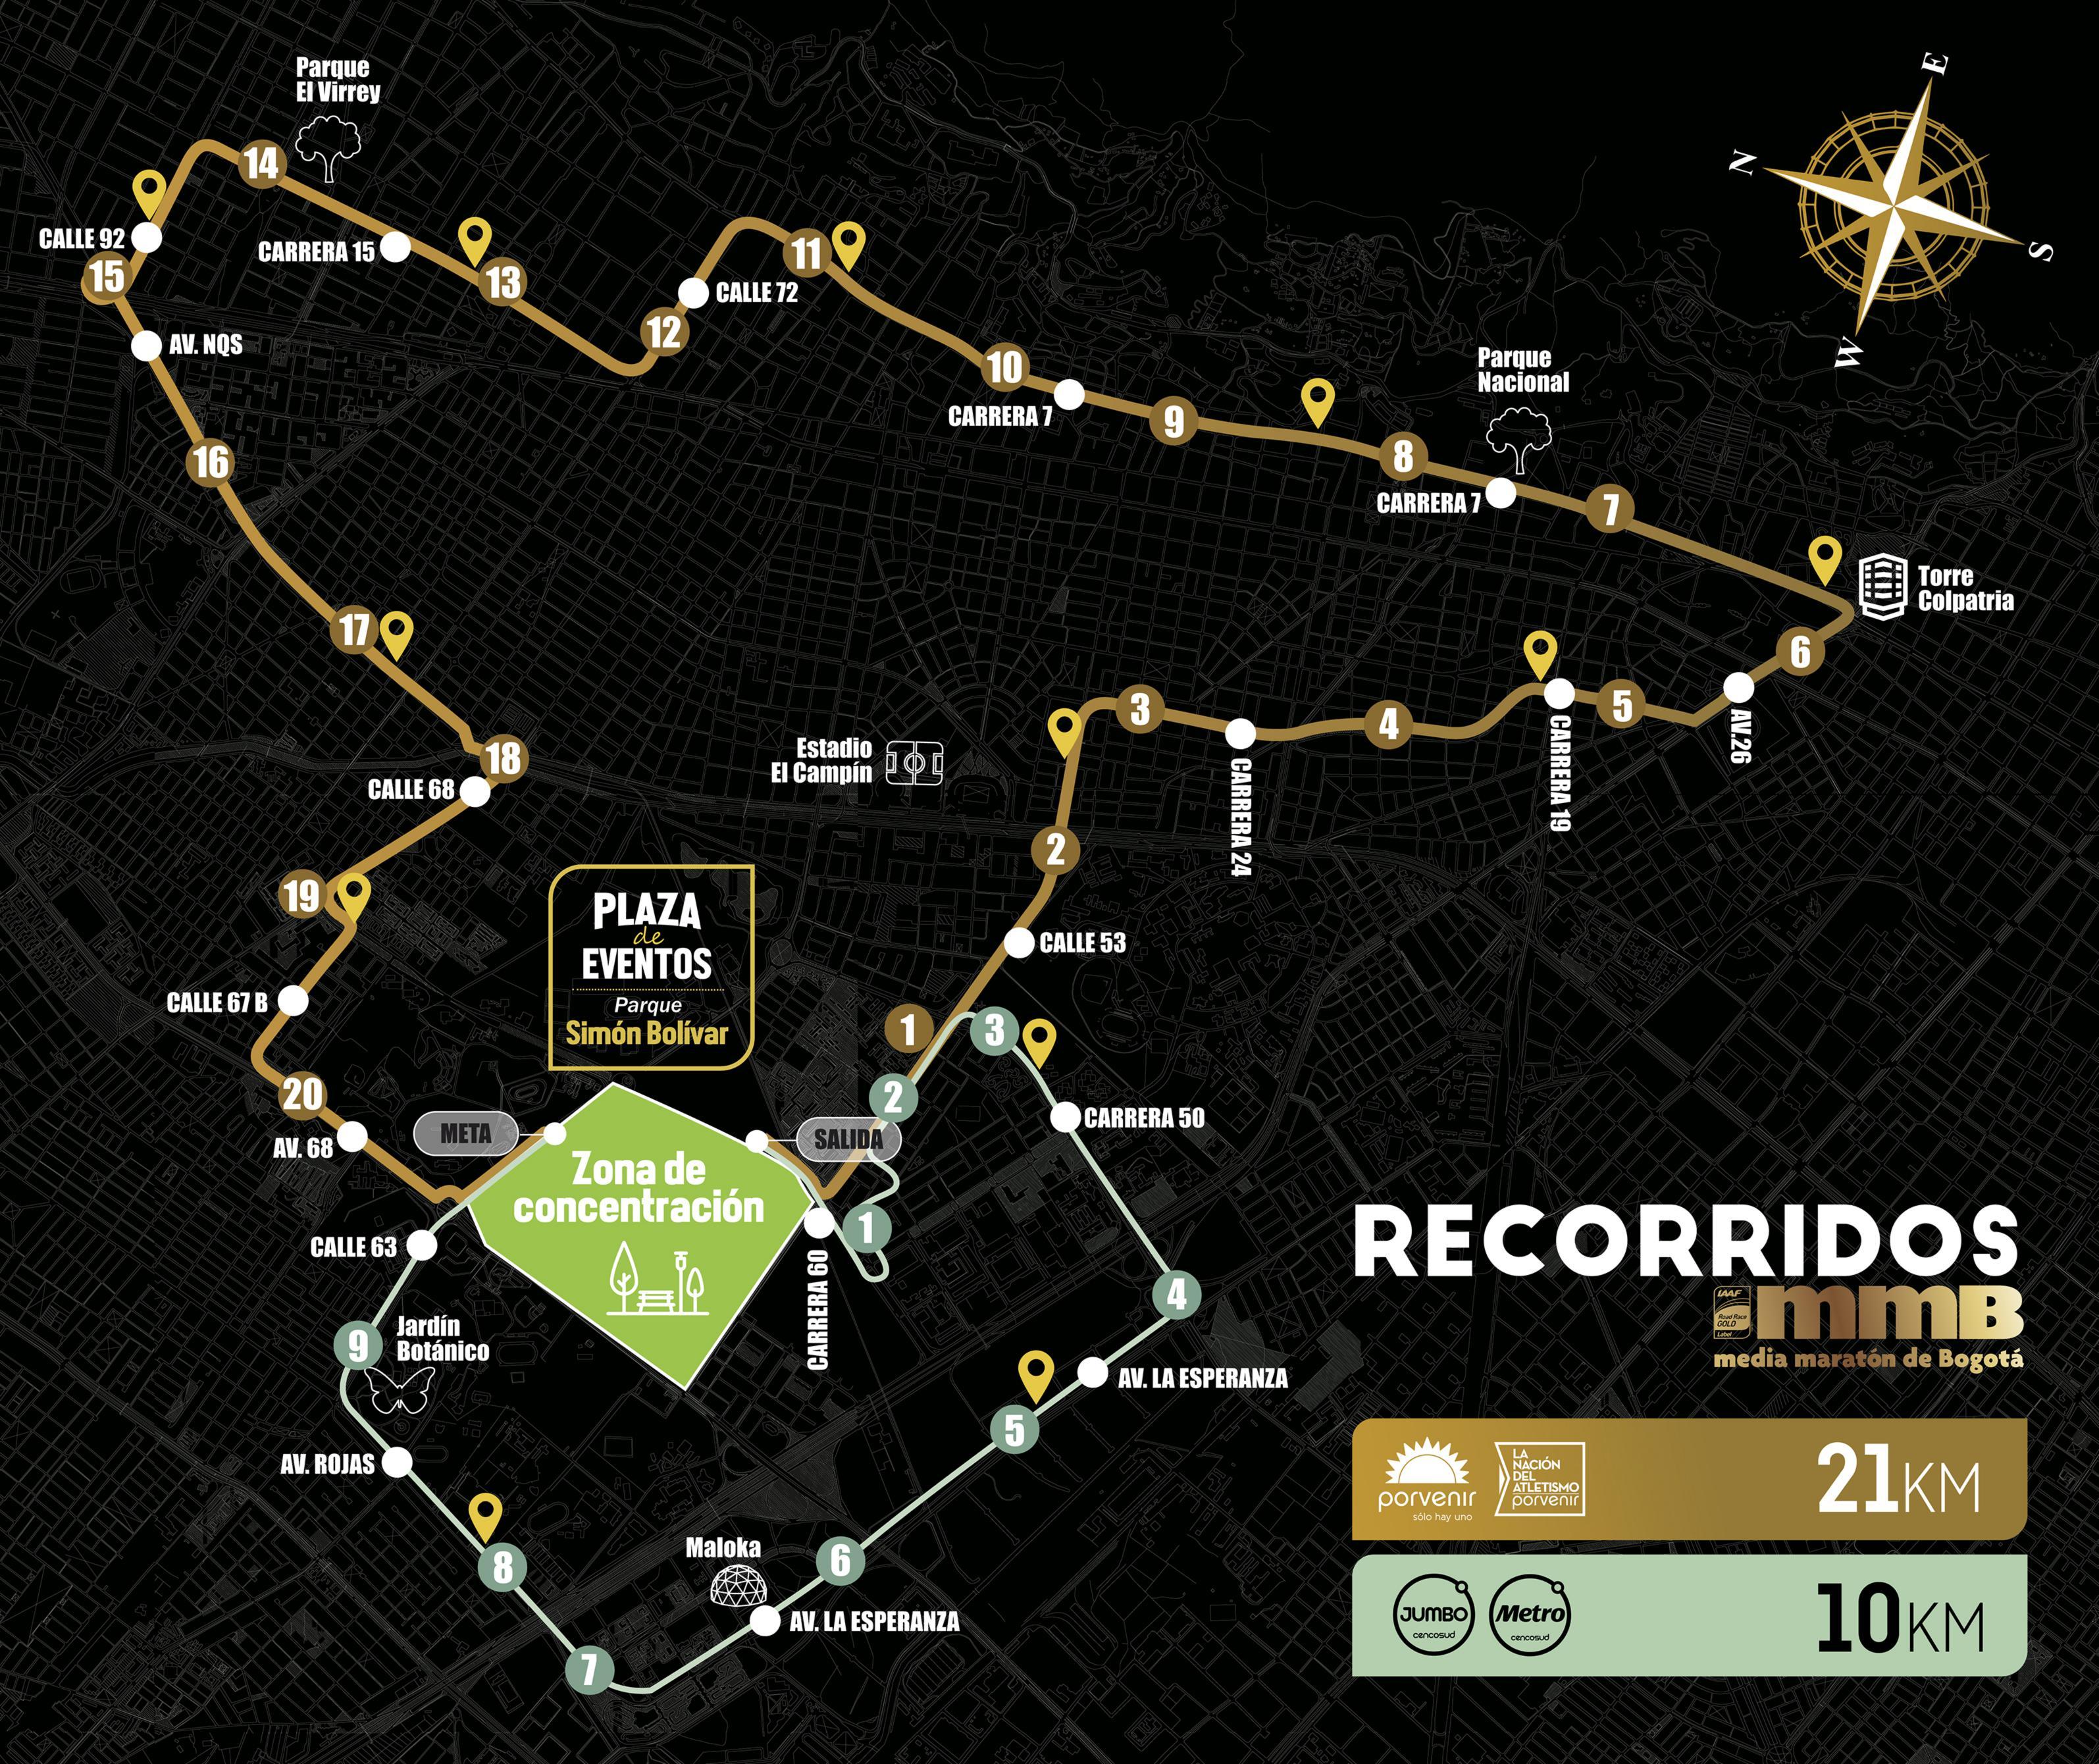 Mapa de los cierres de la Medía Maratón de Bogotá